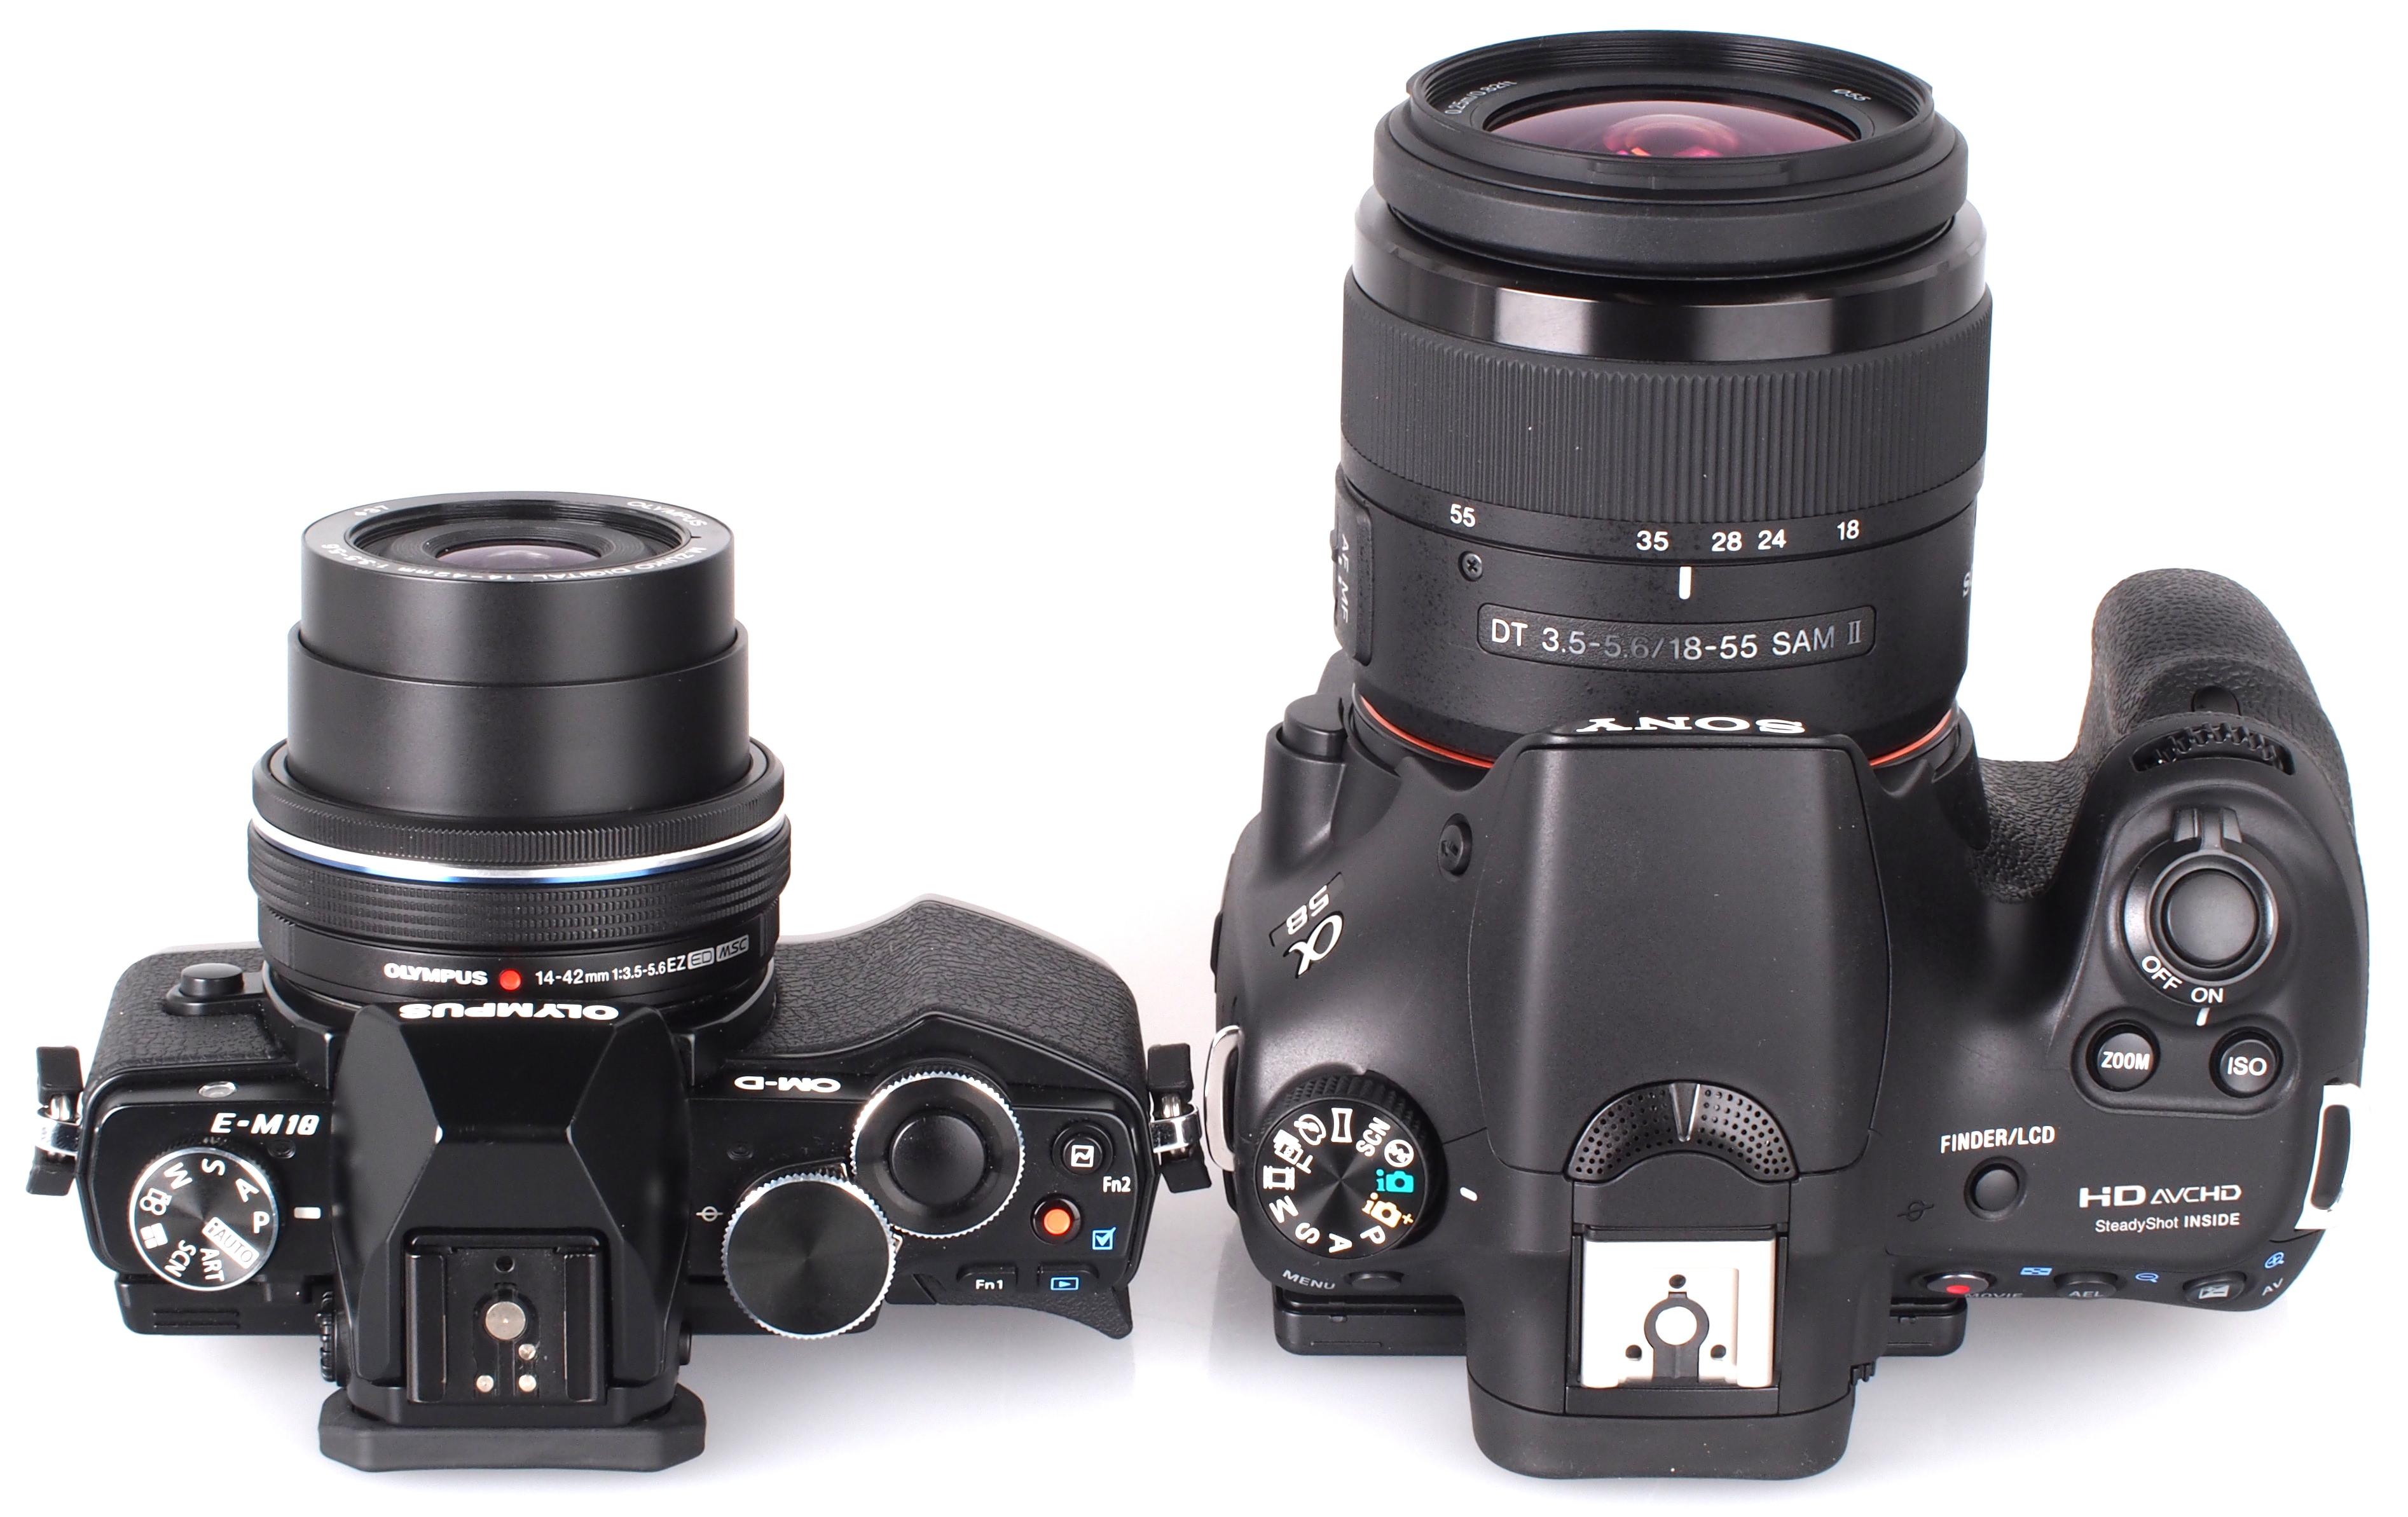 Camera Digital Camera Like Dslr digital camera vs slr best reviews olympus om d e m10 mirrorless sony alpha a58 dslr